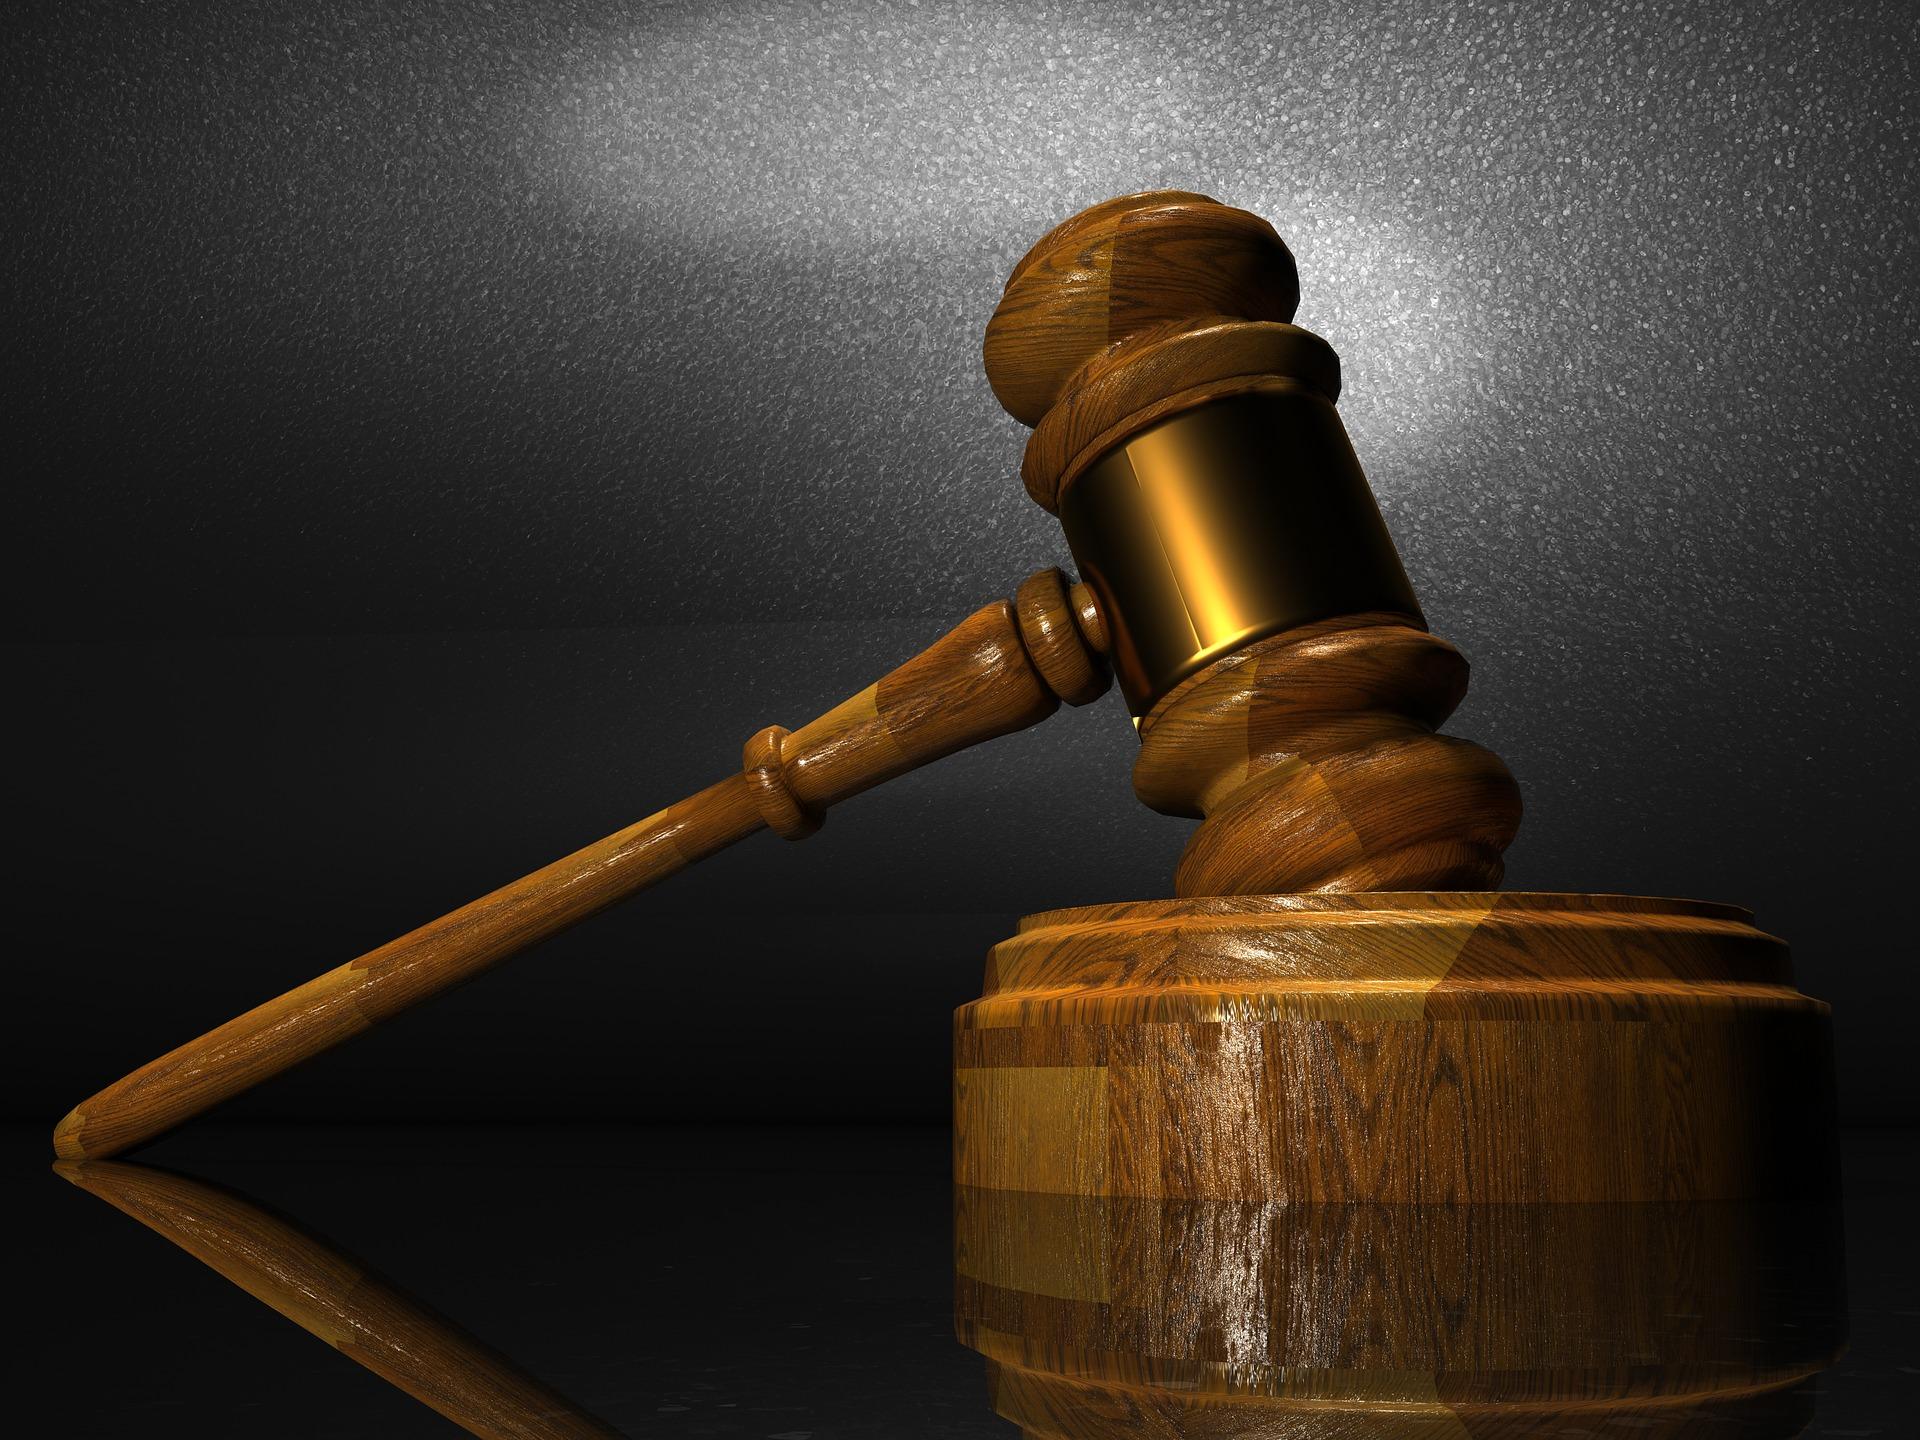 law-1063249_1920.jpg